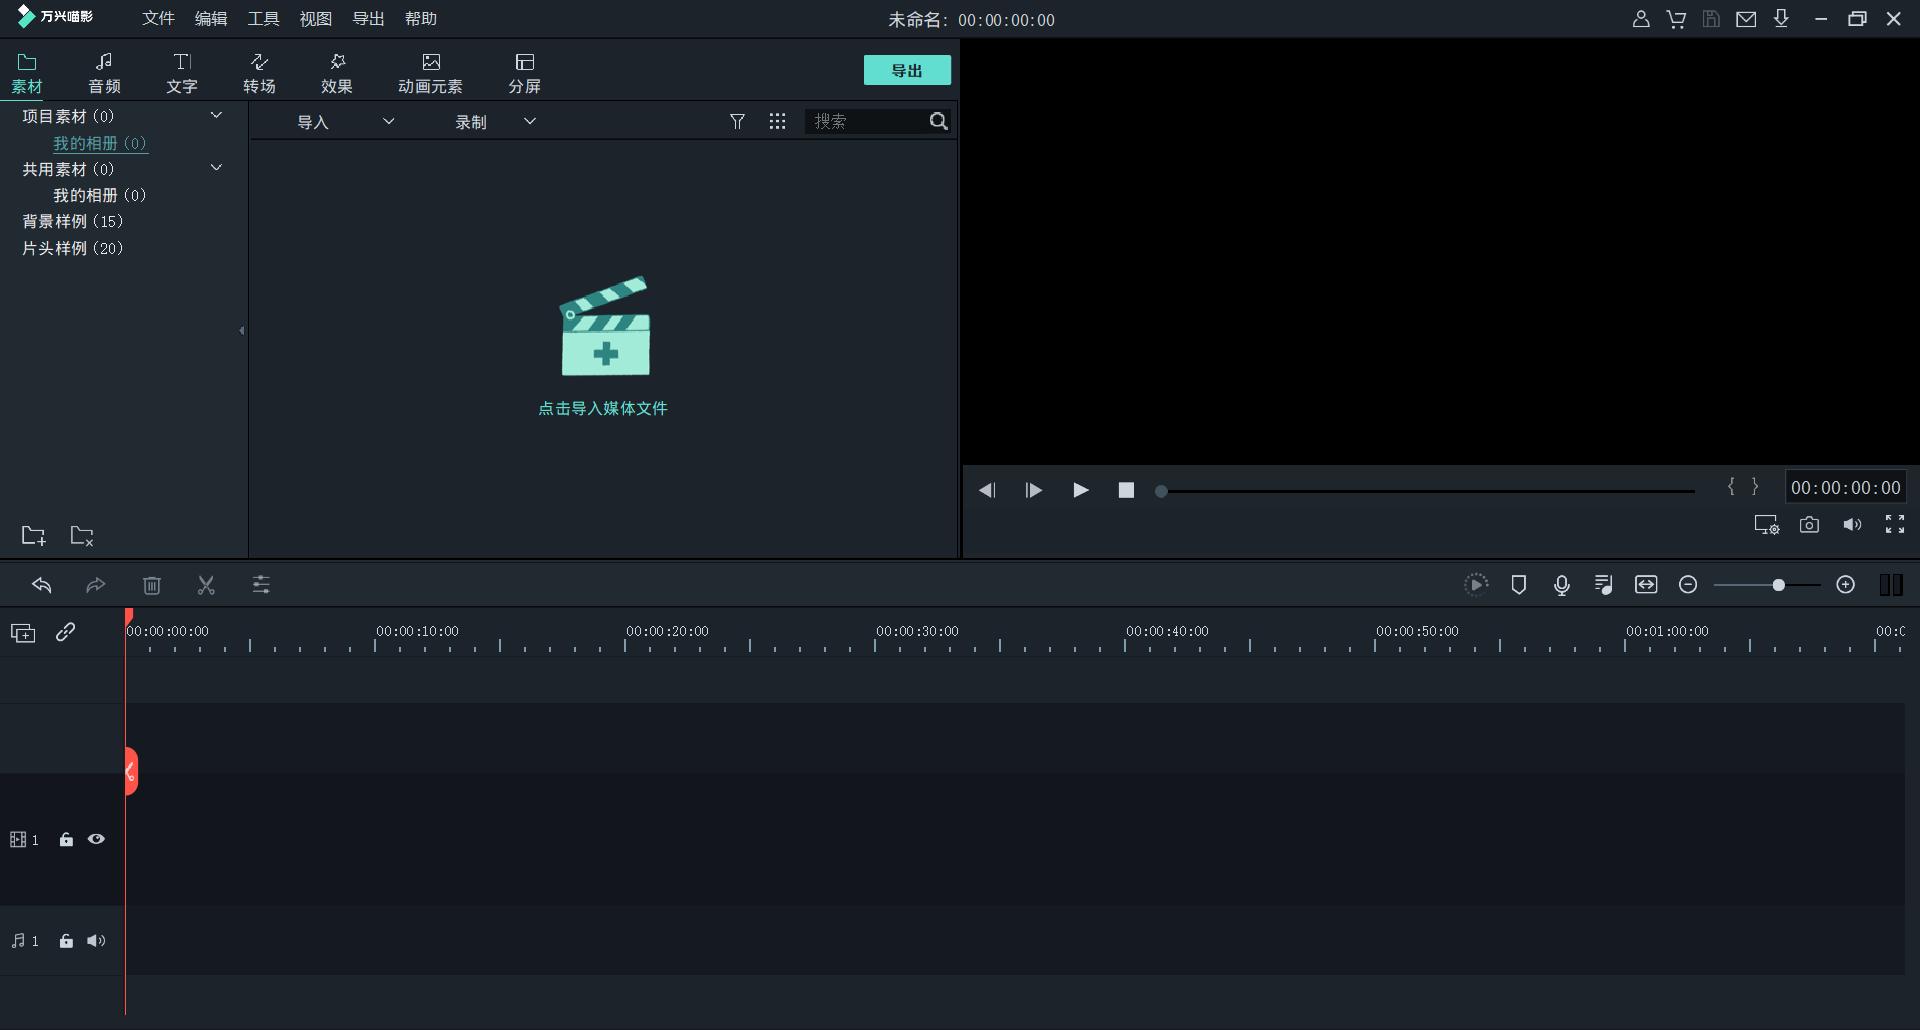 设置视频格式